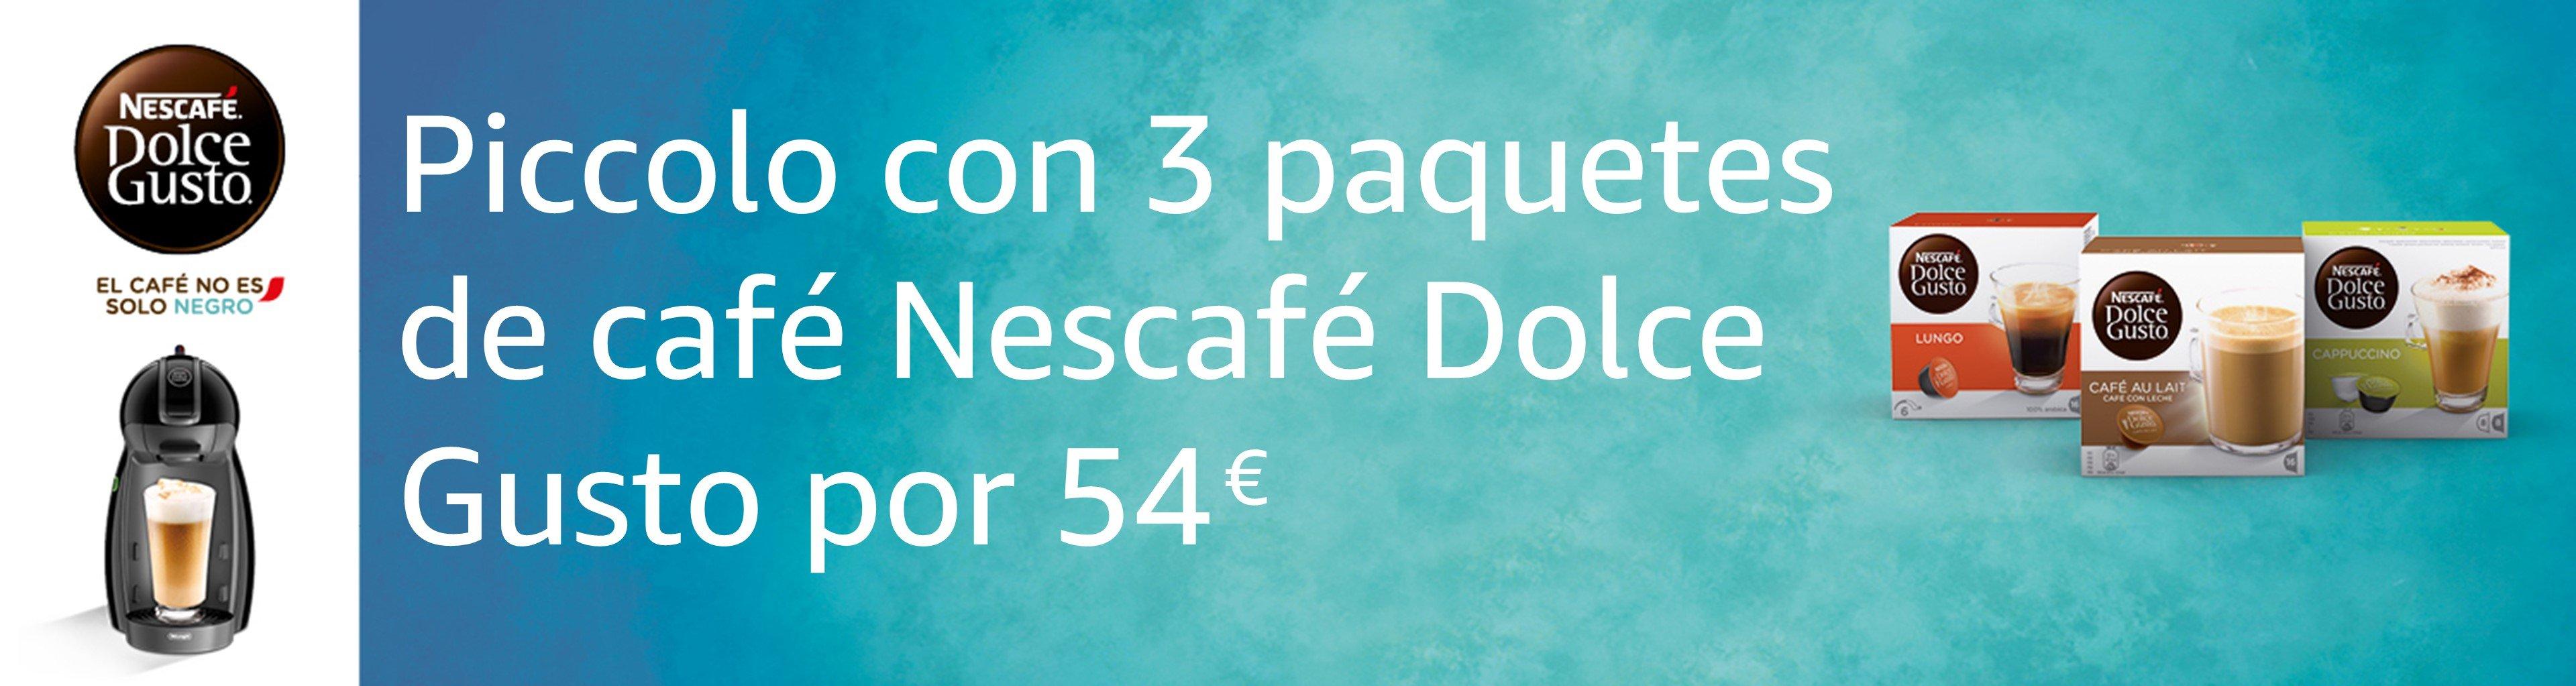 Dolce Gusto: Piccolo + 3 paquetes de Nescafé Dolce Gusto por 54€